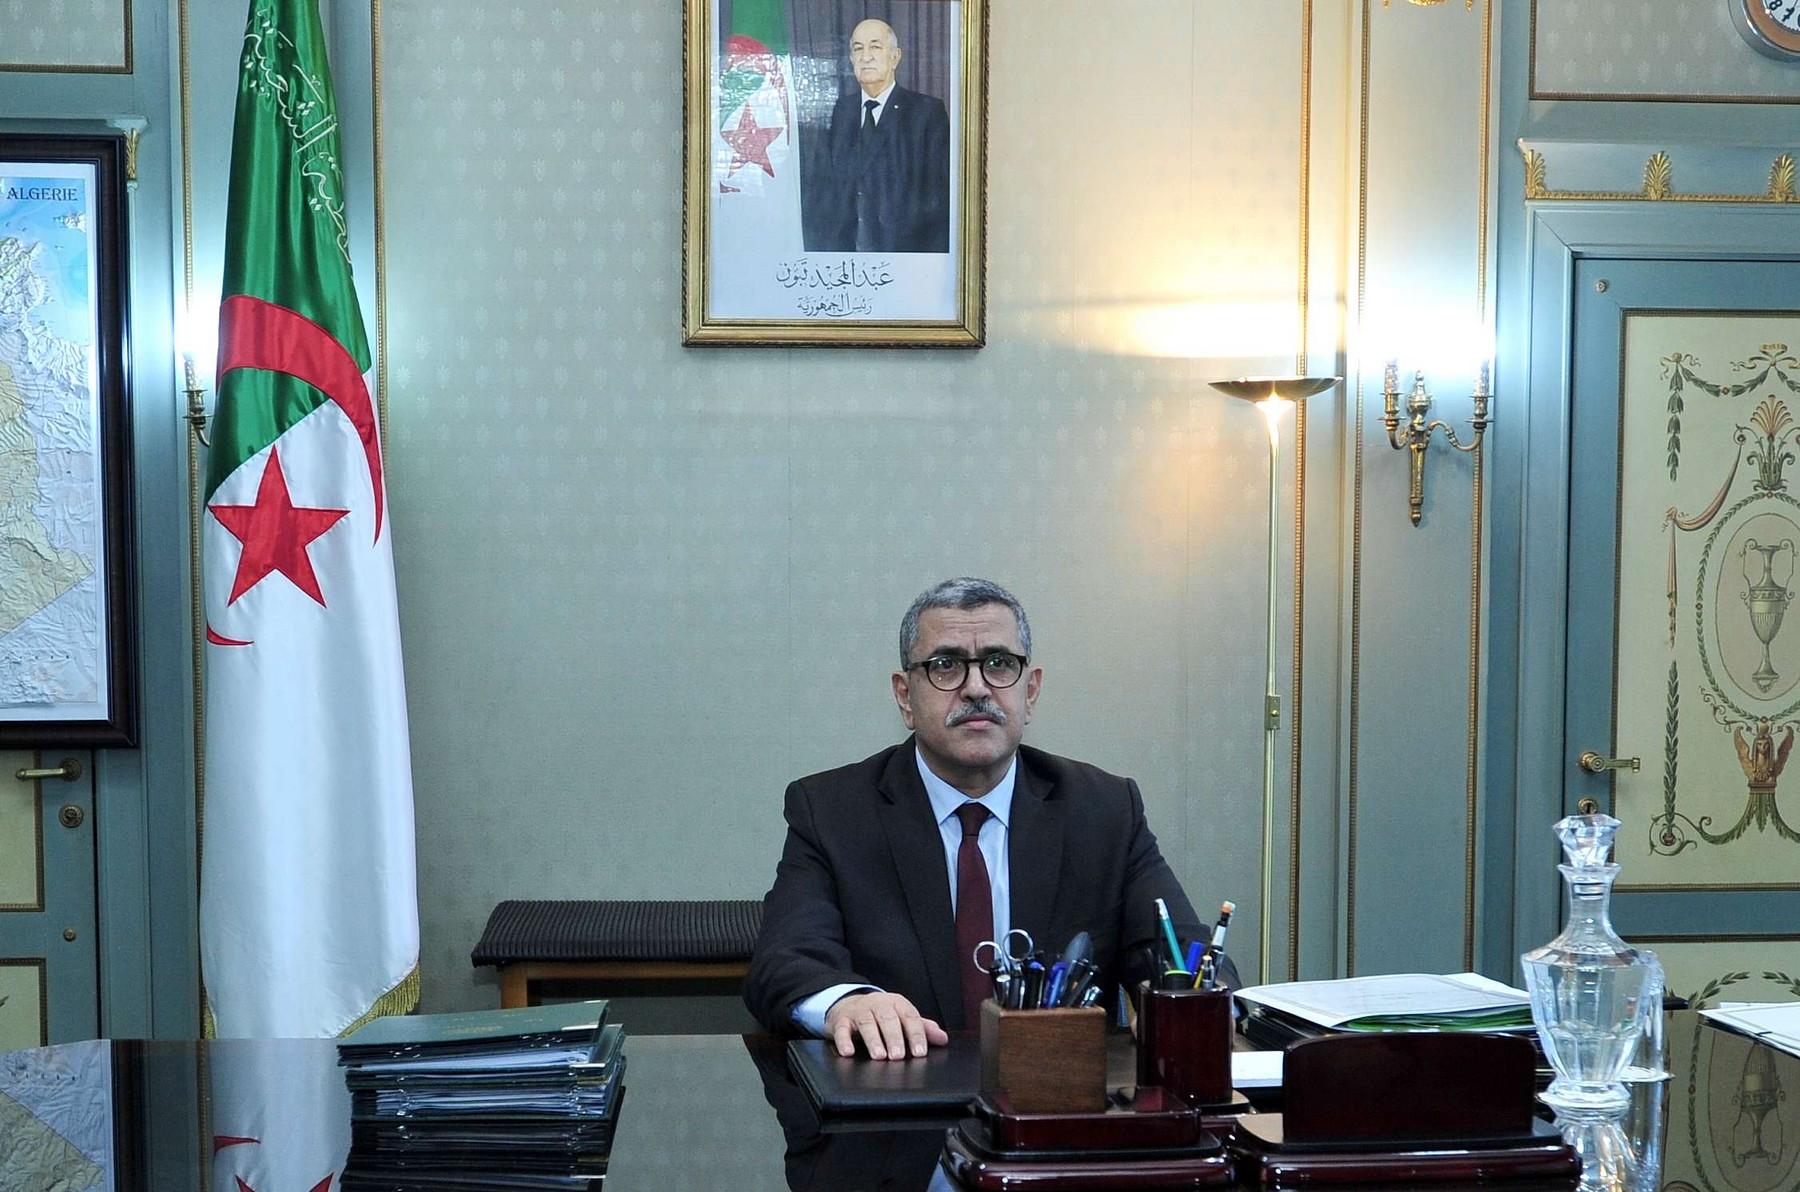 Réunion du gouvernement : examen de trois projets de décrets exécutifs - Algérie